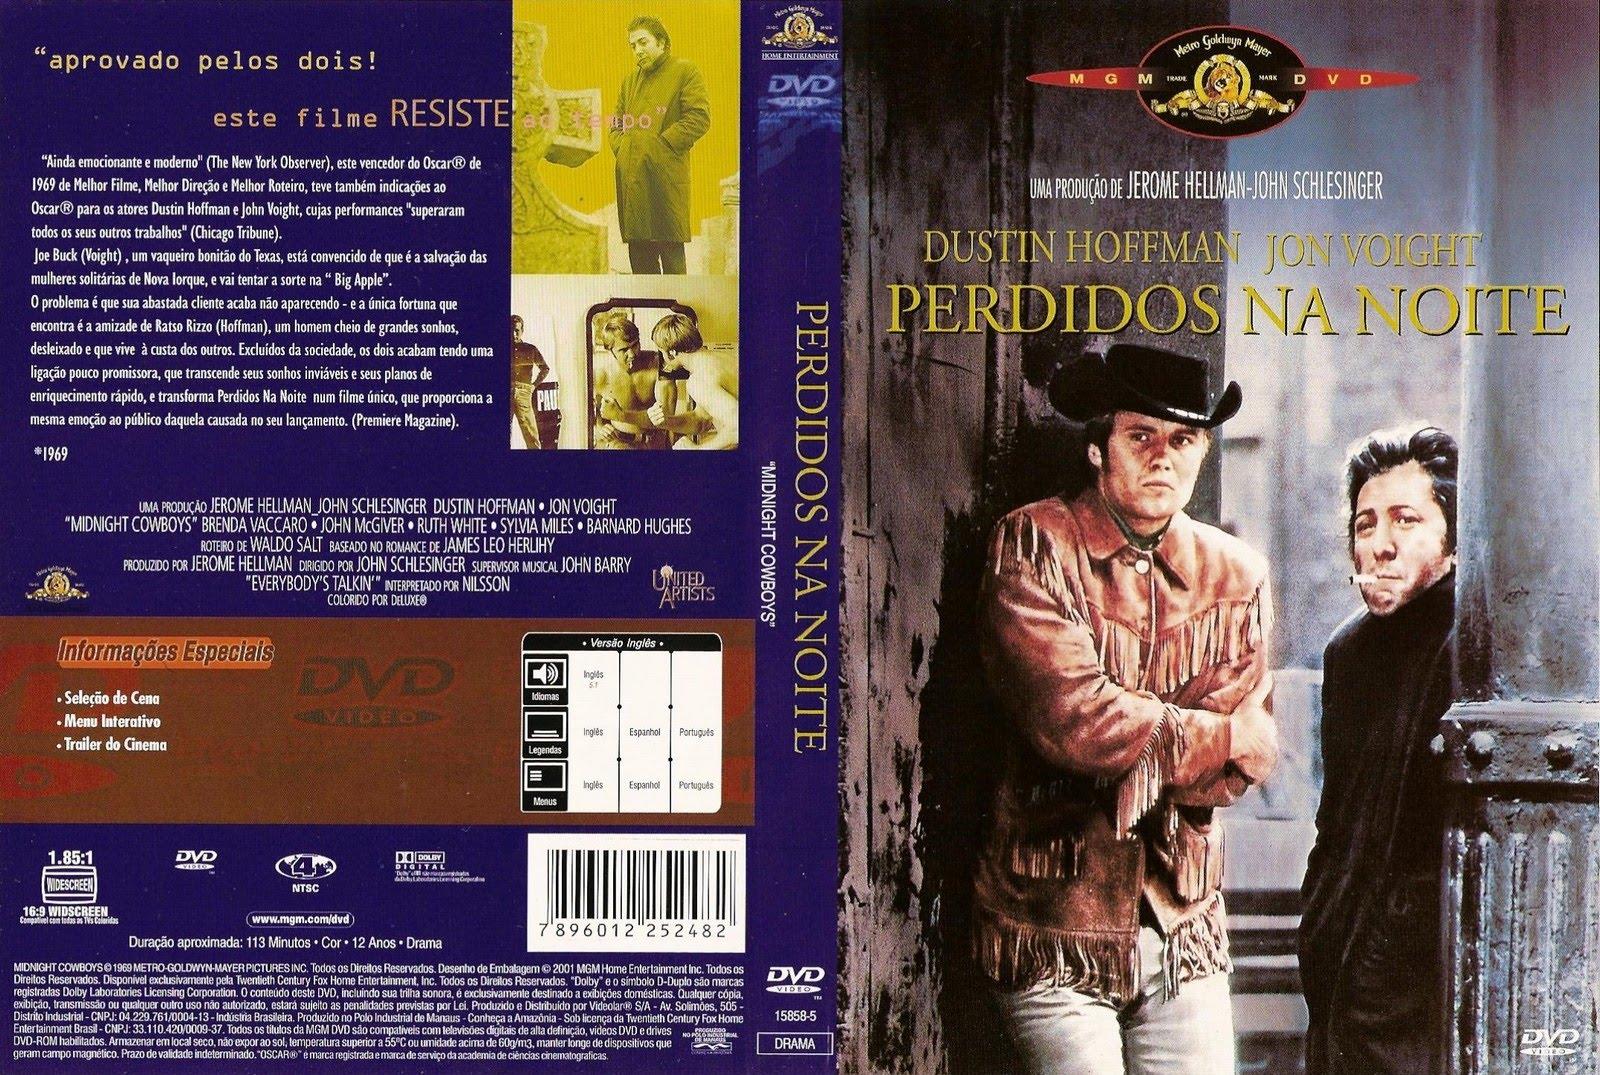 http://3.bp.blogspot.com/_WHxjd2HO-SQ/TESPVmX-HbI/AAAAAAAAAuU/dBWhvotBuq4/s1600/Midnight-Cowboy-Perdidos-Na-Noite-outro-modelo.jpg